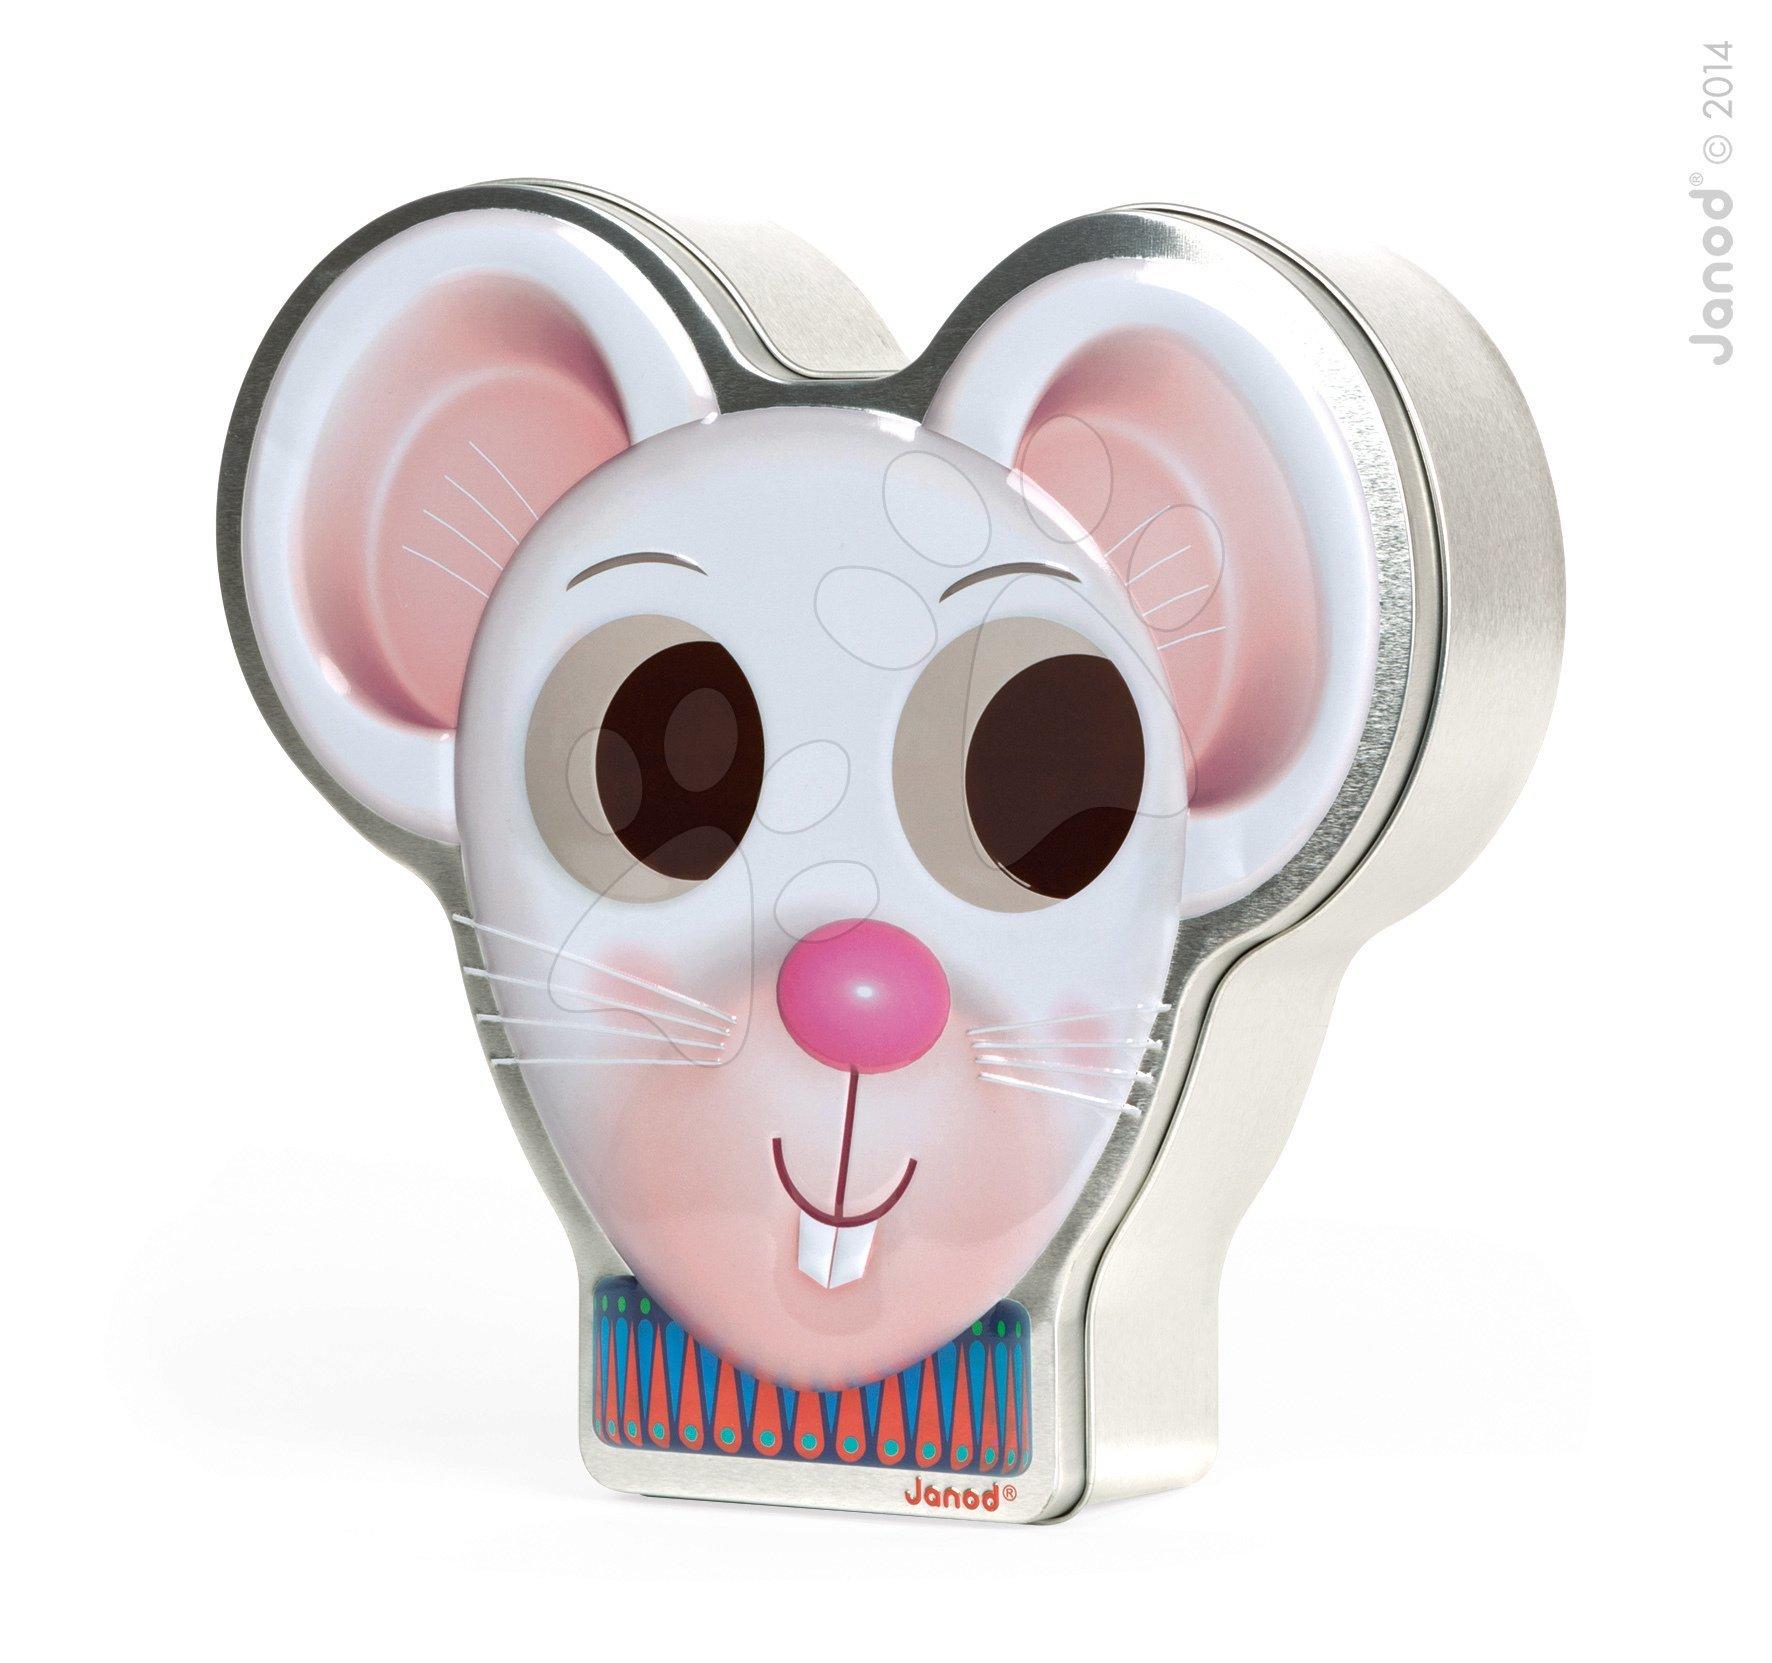 Cudzojazyčné spoločenské hry - Spoločenská hra Zoonimooz Mouse Race Game Janod v angličtine od 3 rokov